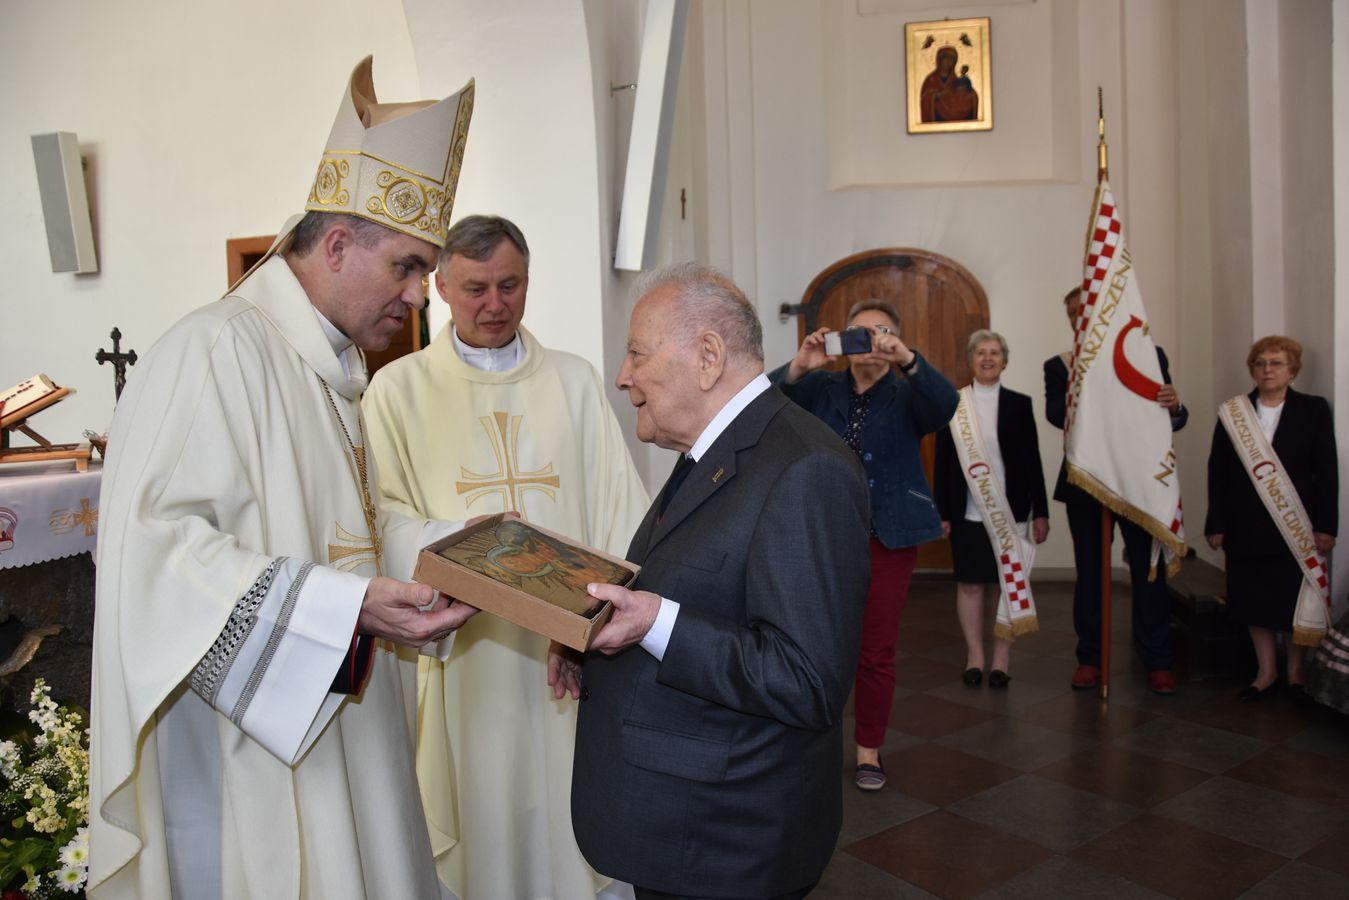 Msza św. w Kaplicy Królewskiej fot. J. Wikowski A31_7182